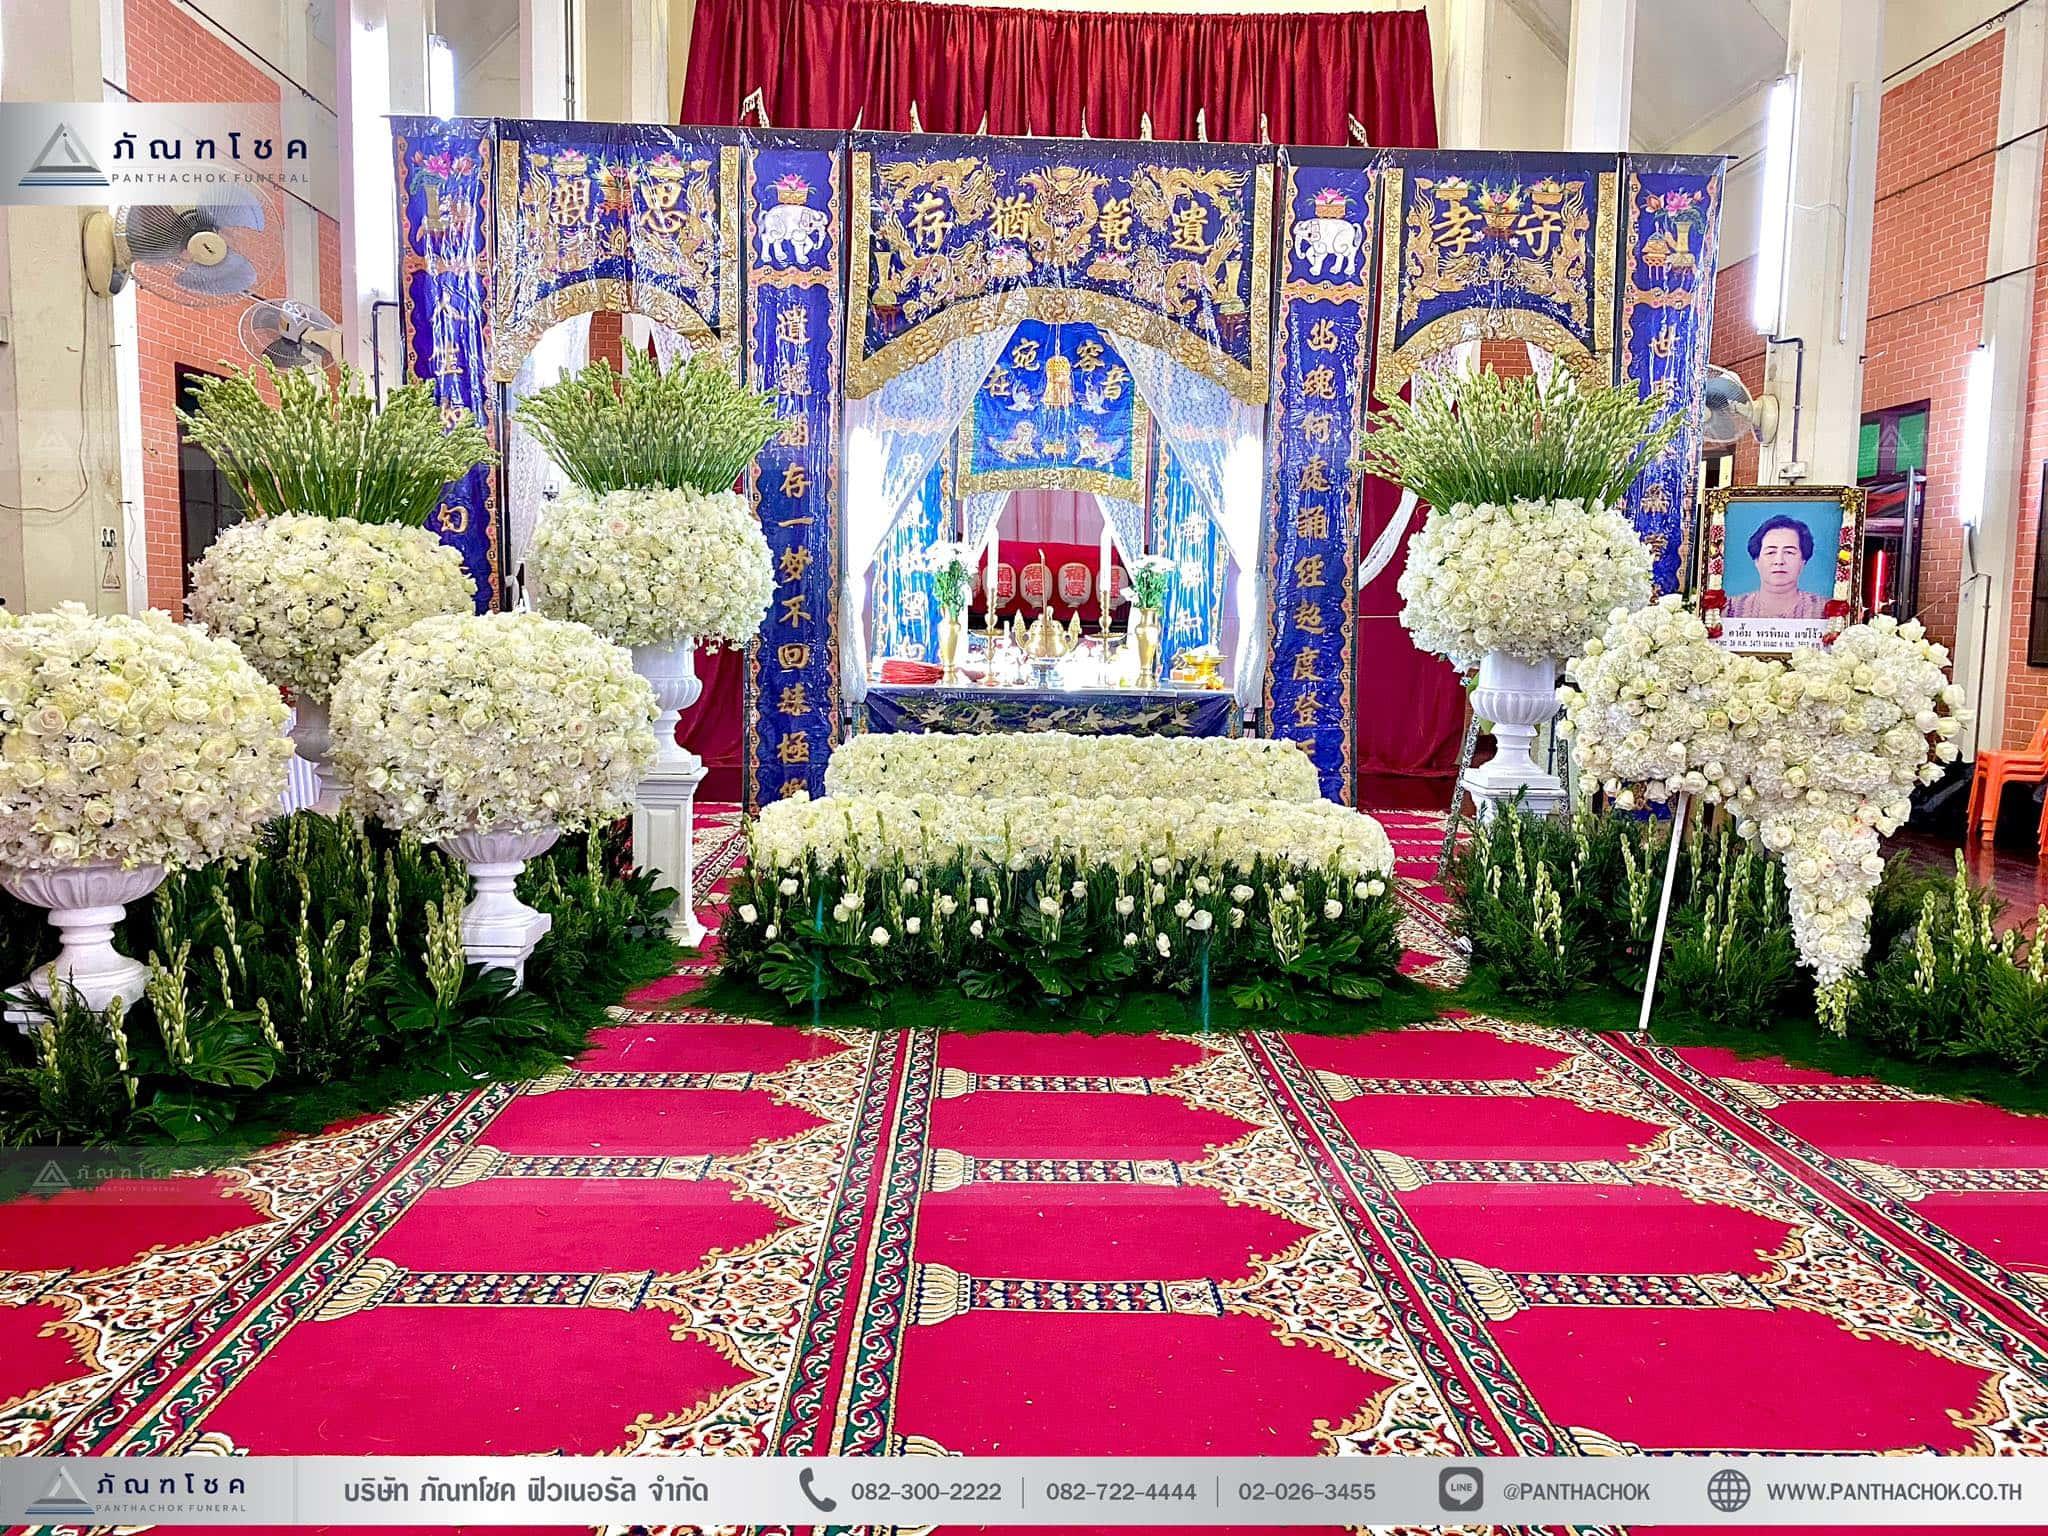 ดอกไม้ประดับหน้าฉากกงเต๊ก ณ วัดลาดบัวหลวง พระนครศรีอยุธยา 6